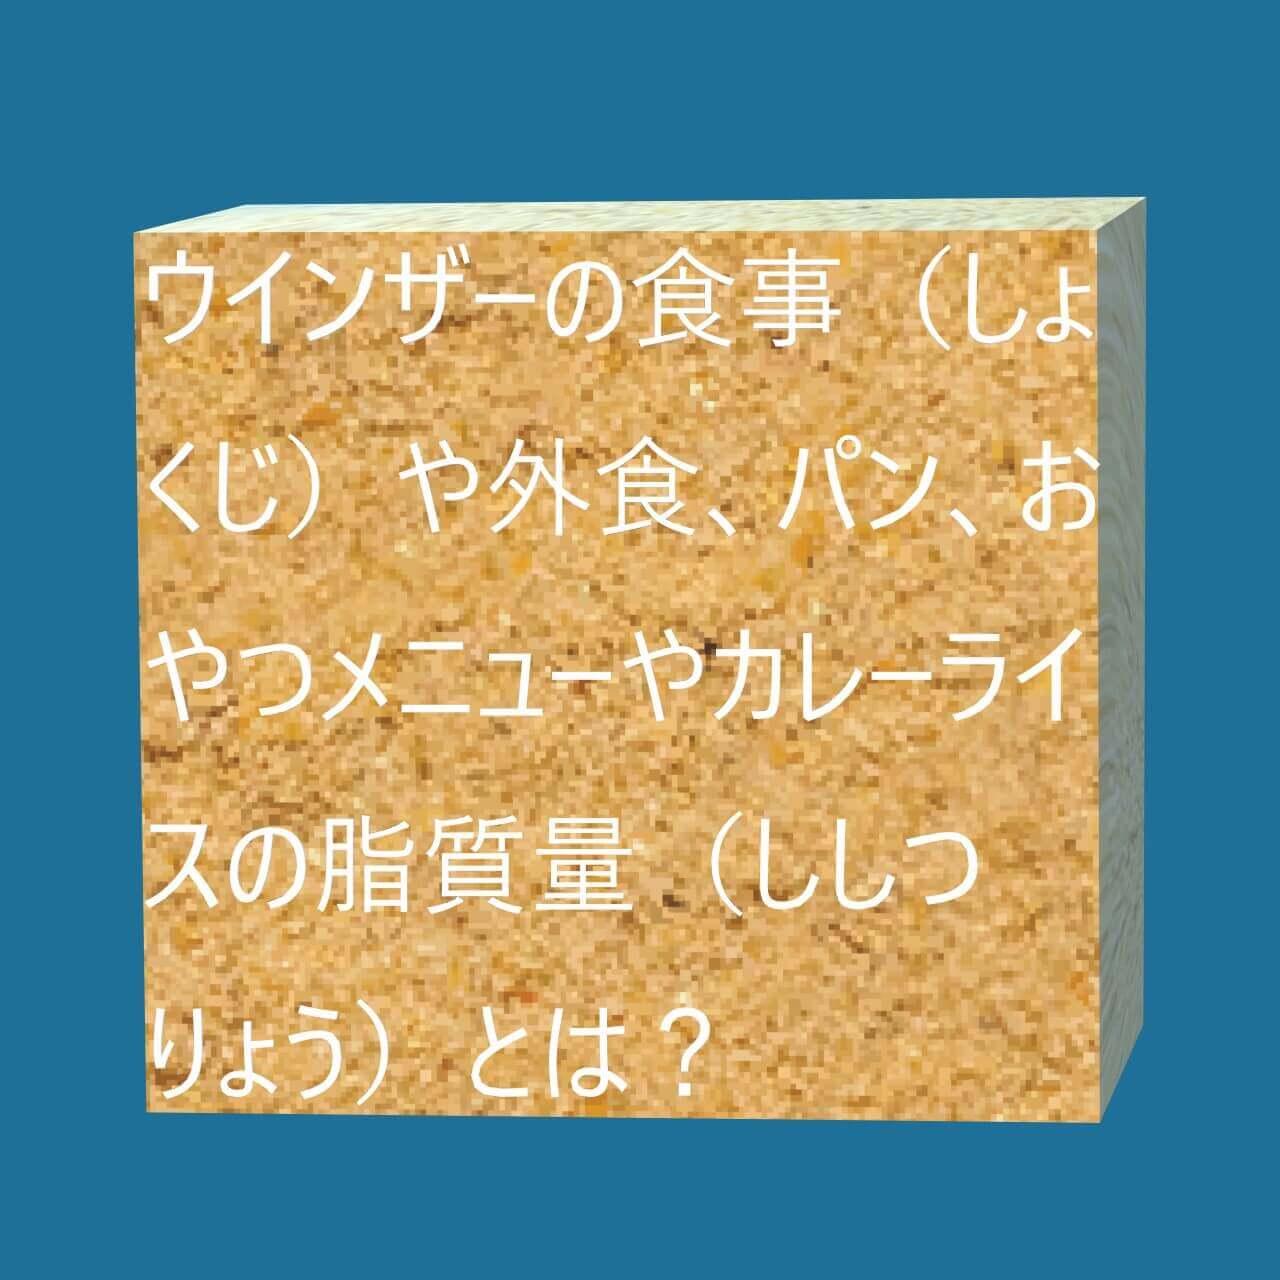 ウインザーの食事(しょくじ)や外食、パン、おやつメニューやカレーライスの脂質量(ししつりょう)とは?にかかる画像(がぞう)